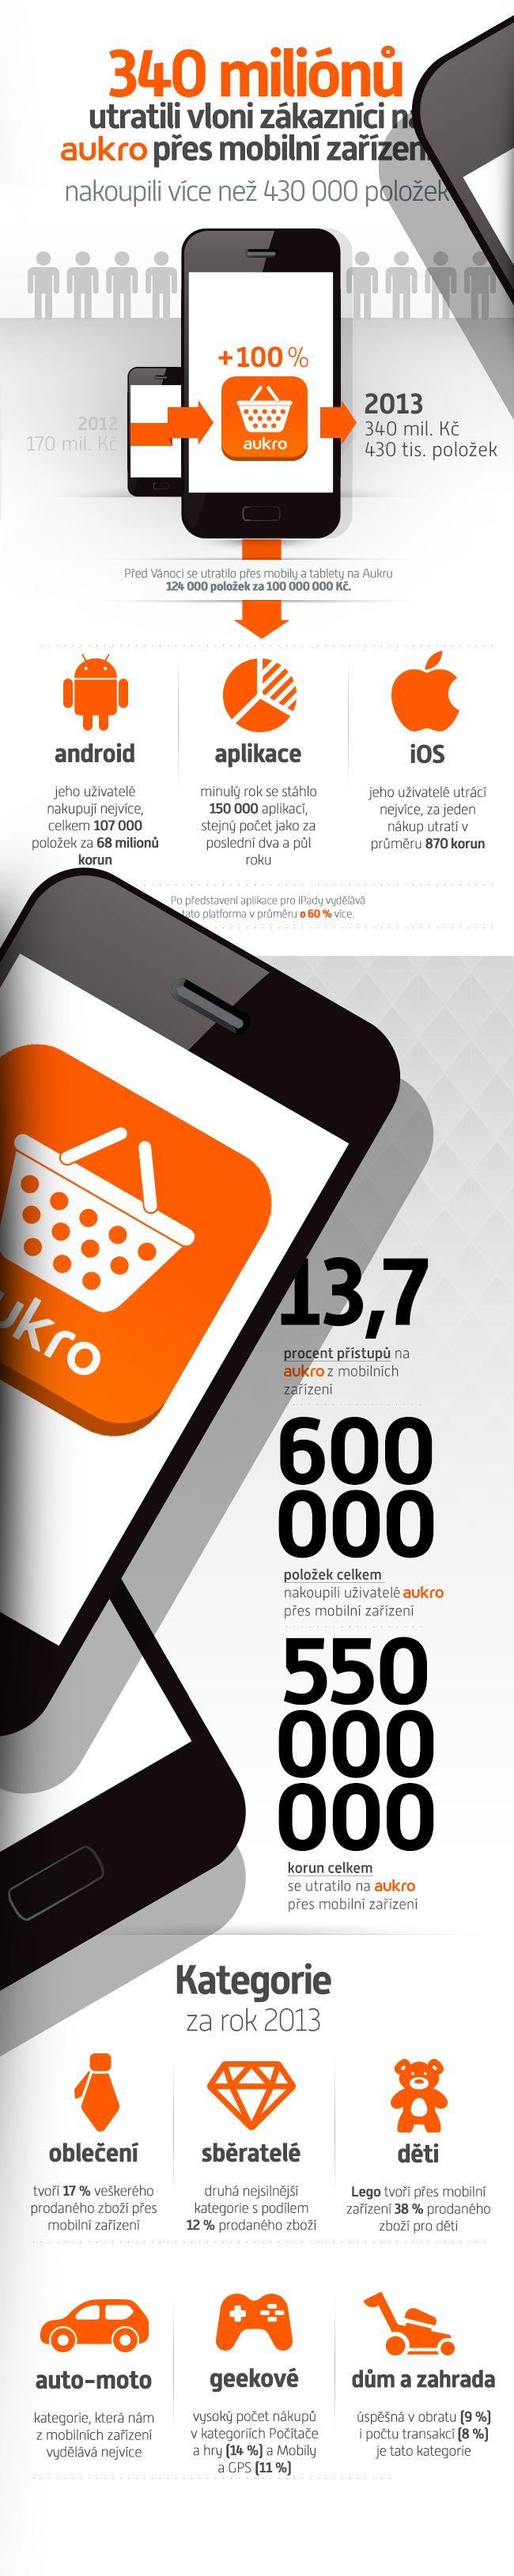 Přes mobilní zařízení vloni utratili zákazníci na Aukru více než 340 miliónů korun za více než 430 000 položek